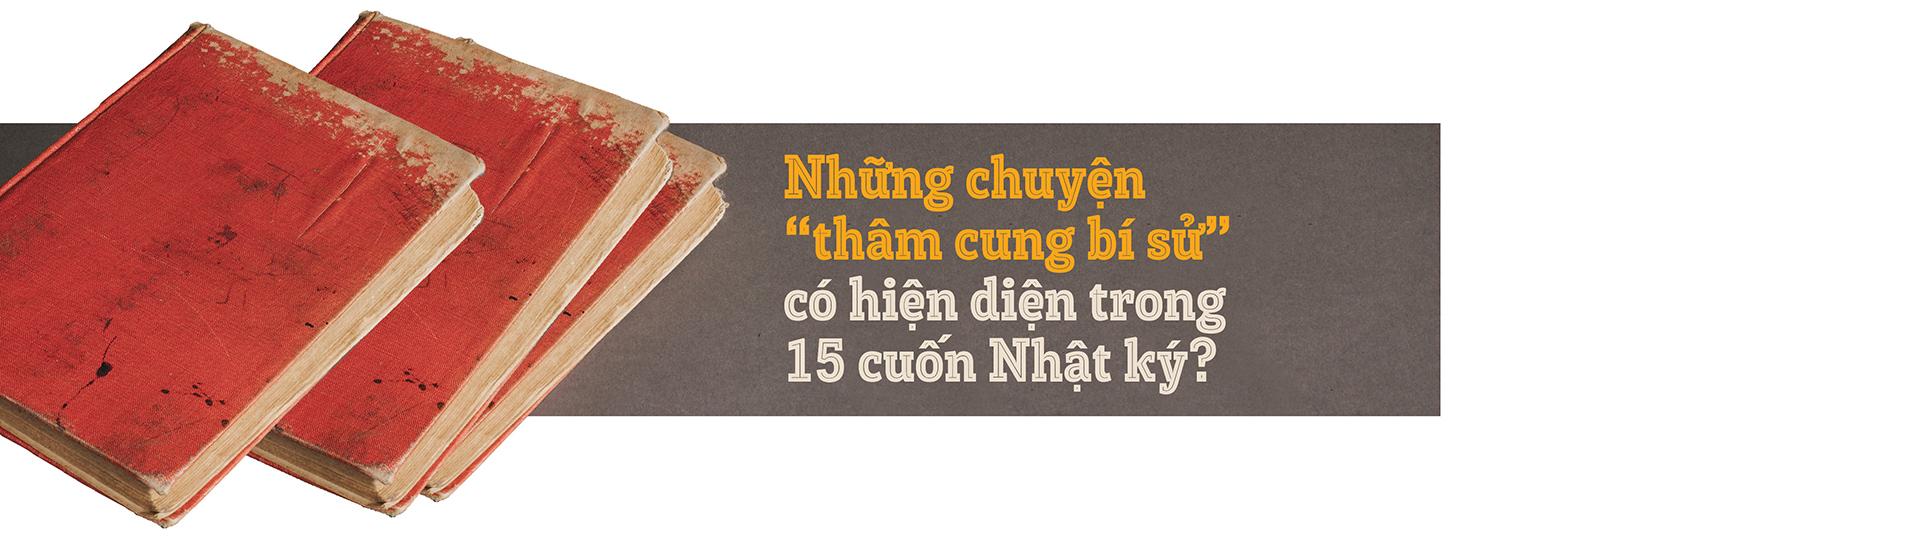 Ông Phạm Thế Duyệt: Tình yêu lớn của cuộc đời (Kỳ 2) - Ảnh 1.